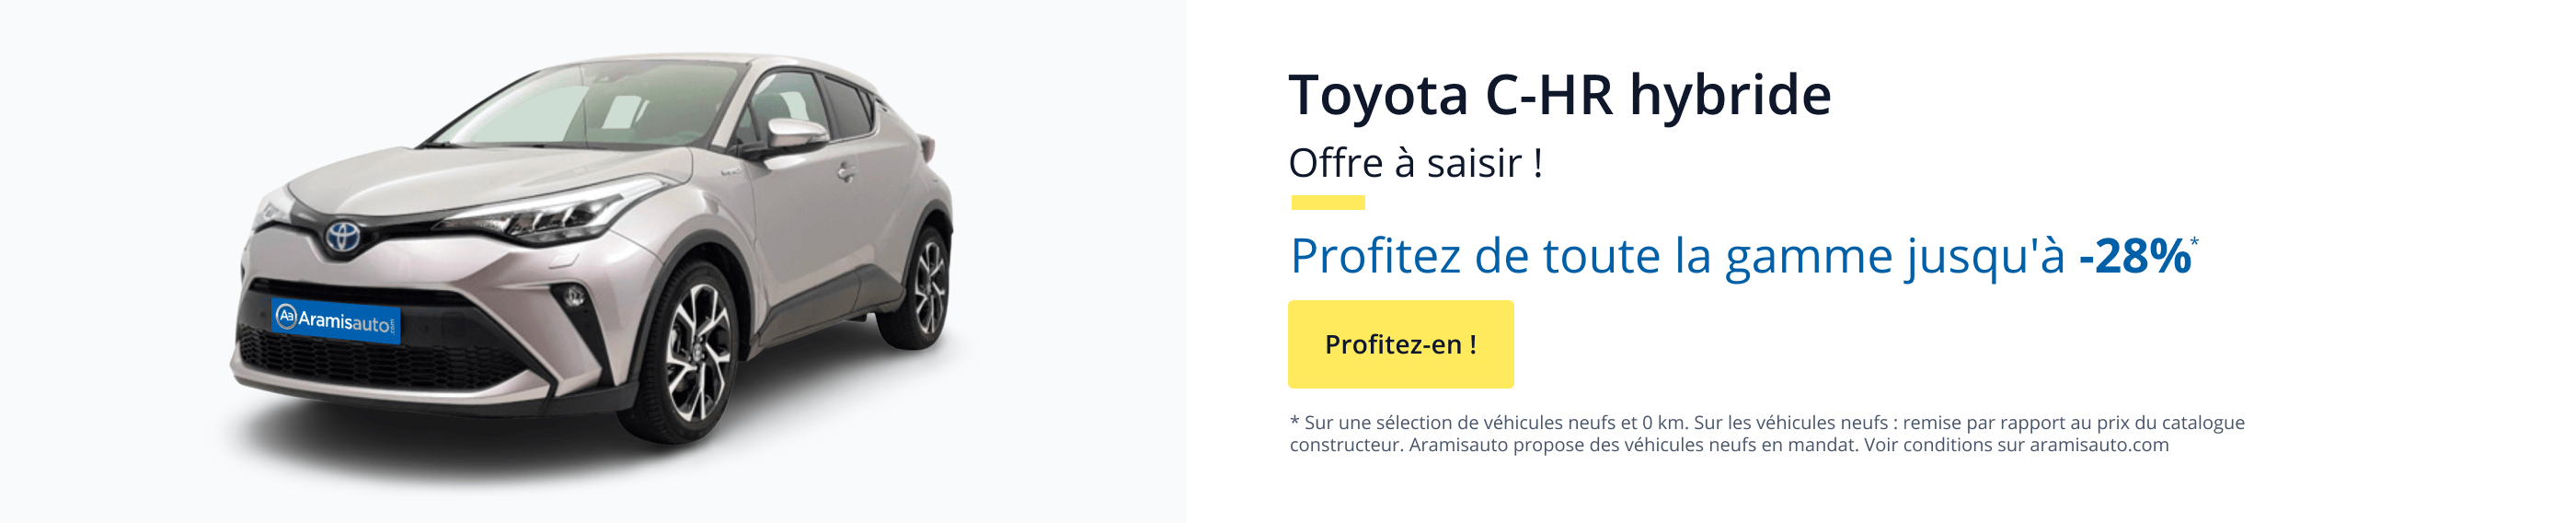 Toyota C-HR HYbride, offre à saisir ! Profitez de toute la gamme jusqu'à -26%